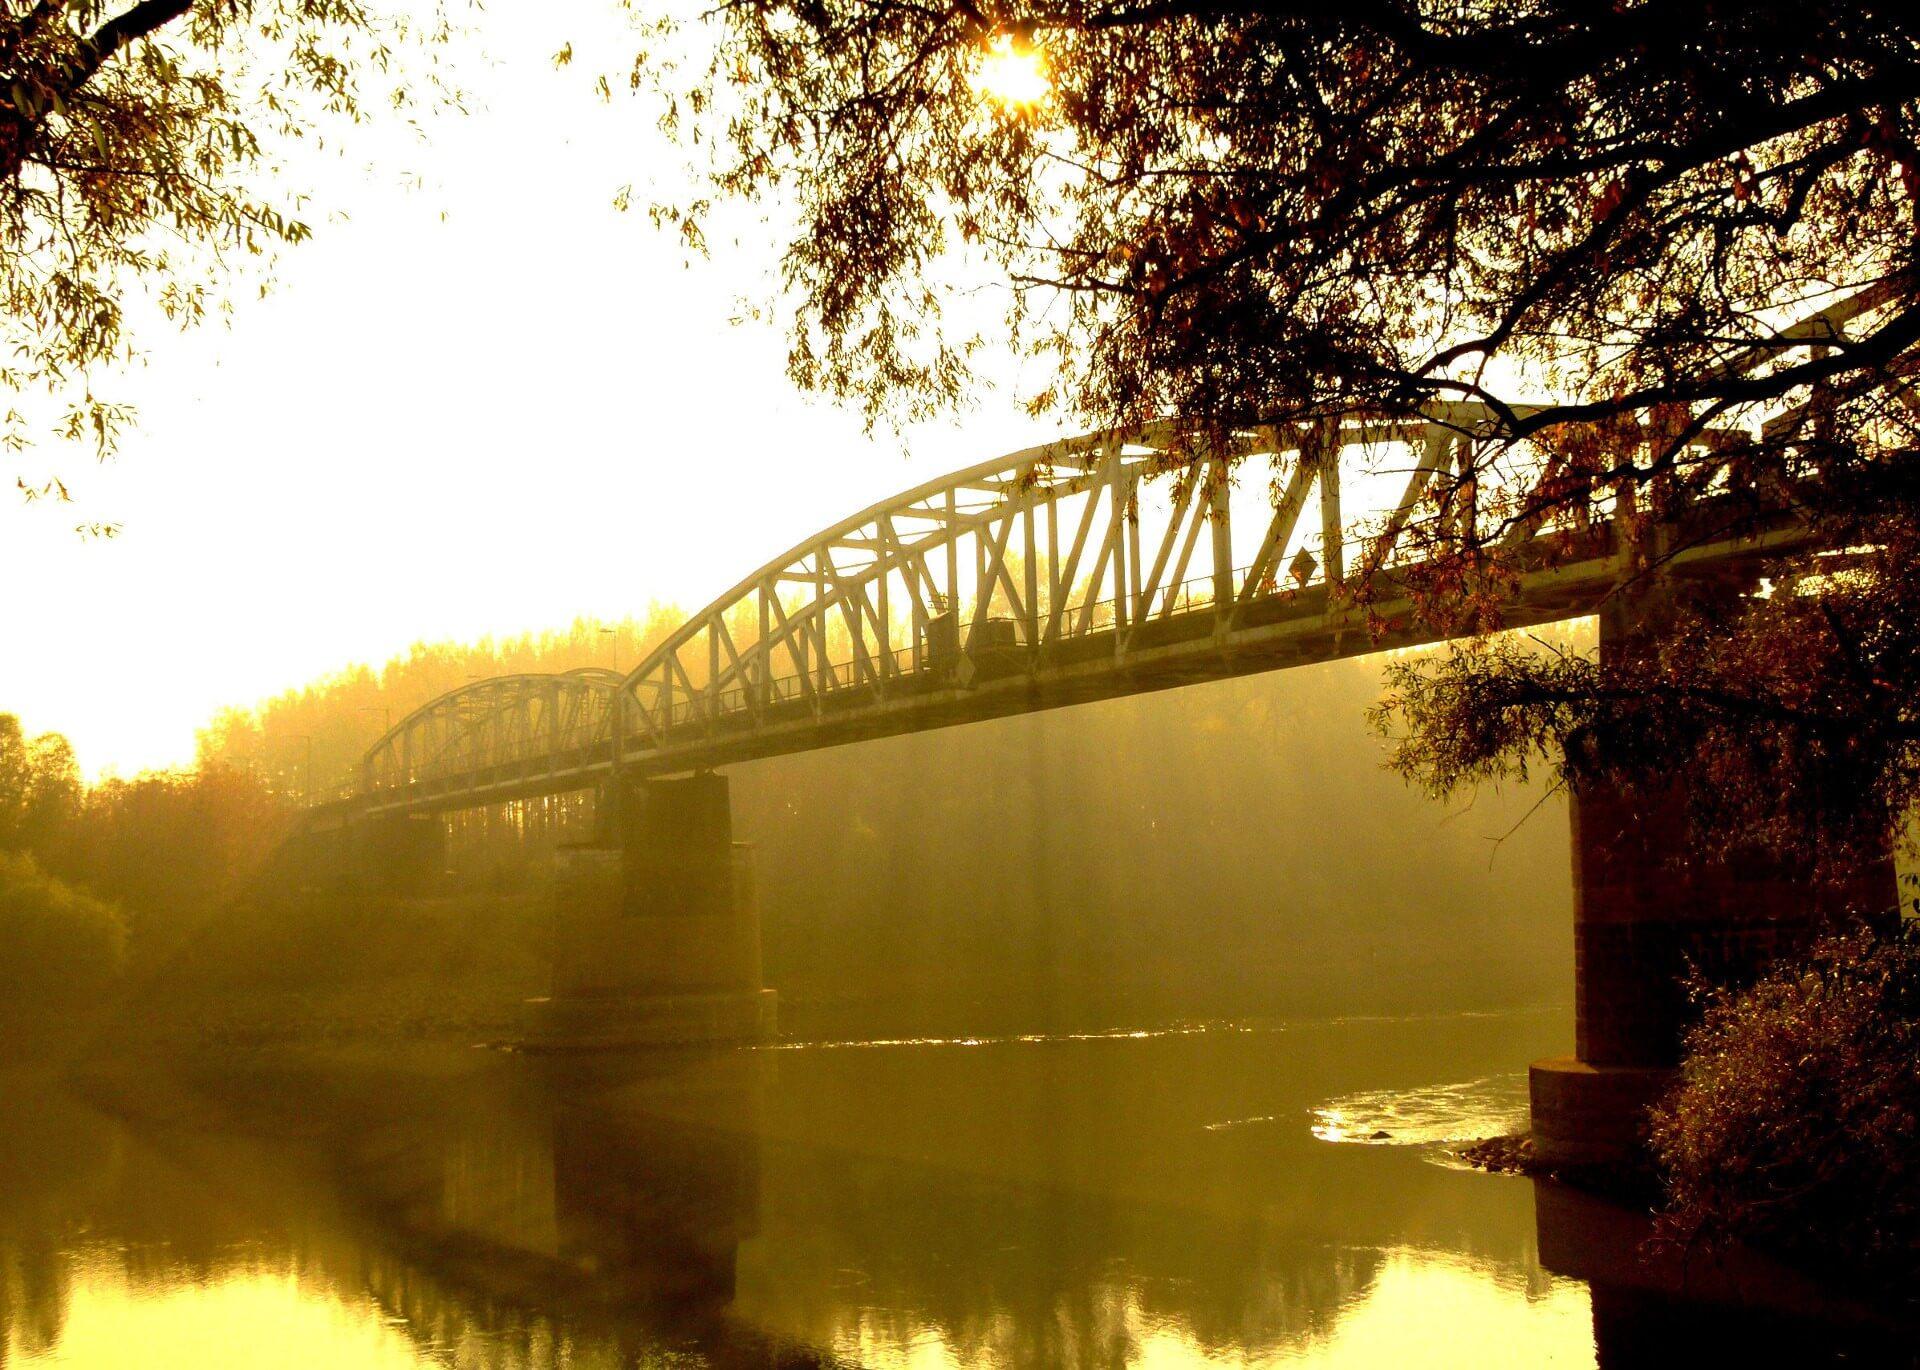 130 éves híd rekonstrukcióját végzi el az A-Híd